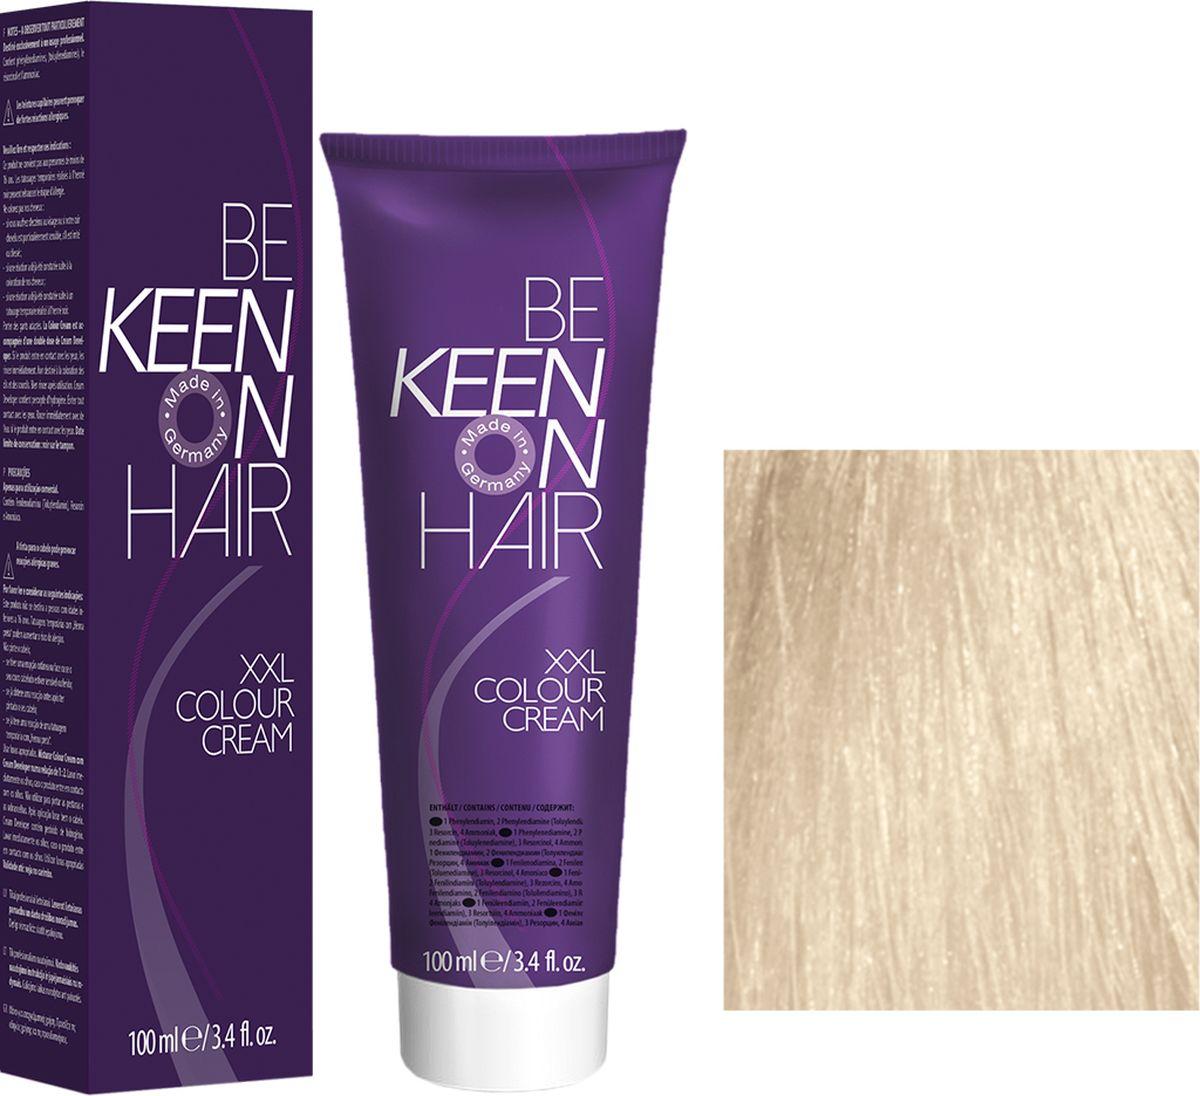 Keen Краска для волос 12.30 Платиново-золотистый блондин Platinblond Gold, 100 мл69100106Модные оттенкиБолее 100 оттенков для креативной комбинации цветов.ЭкономичностьПри использовании тюбика 100 мл вы получаете оптимальное соотношение цены и качества!УходМолочный белок поддерживает структуру волоса во время окрашивания и придает волосам блеск и шелковистость. Протеины хорошо встраиваются в волосы и снабжают их влагой.